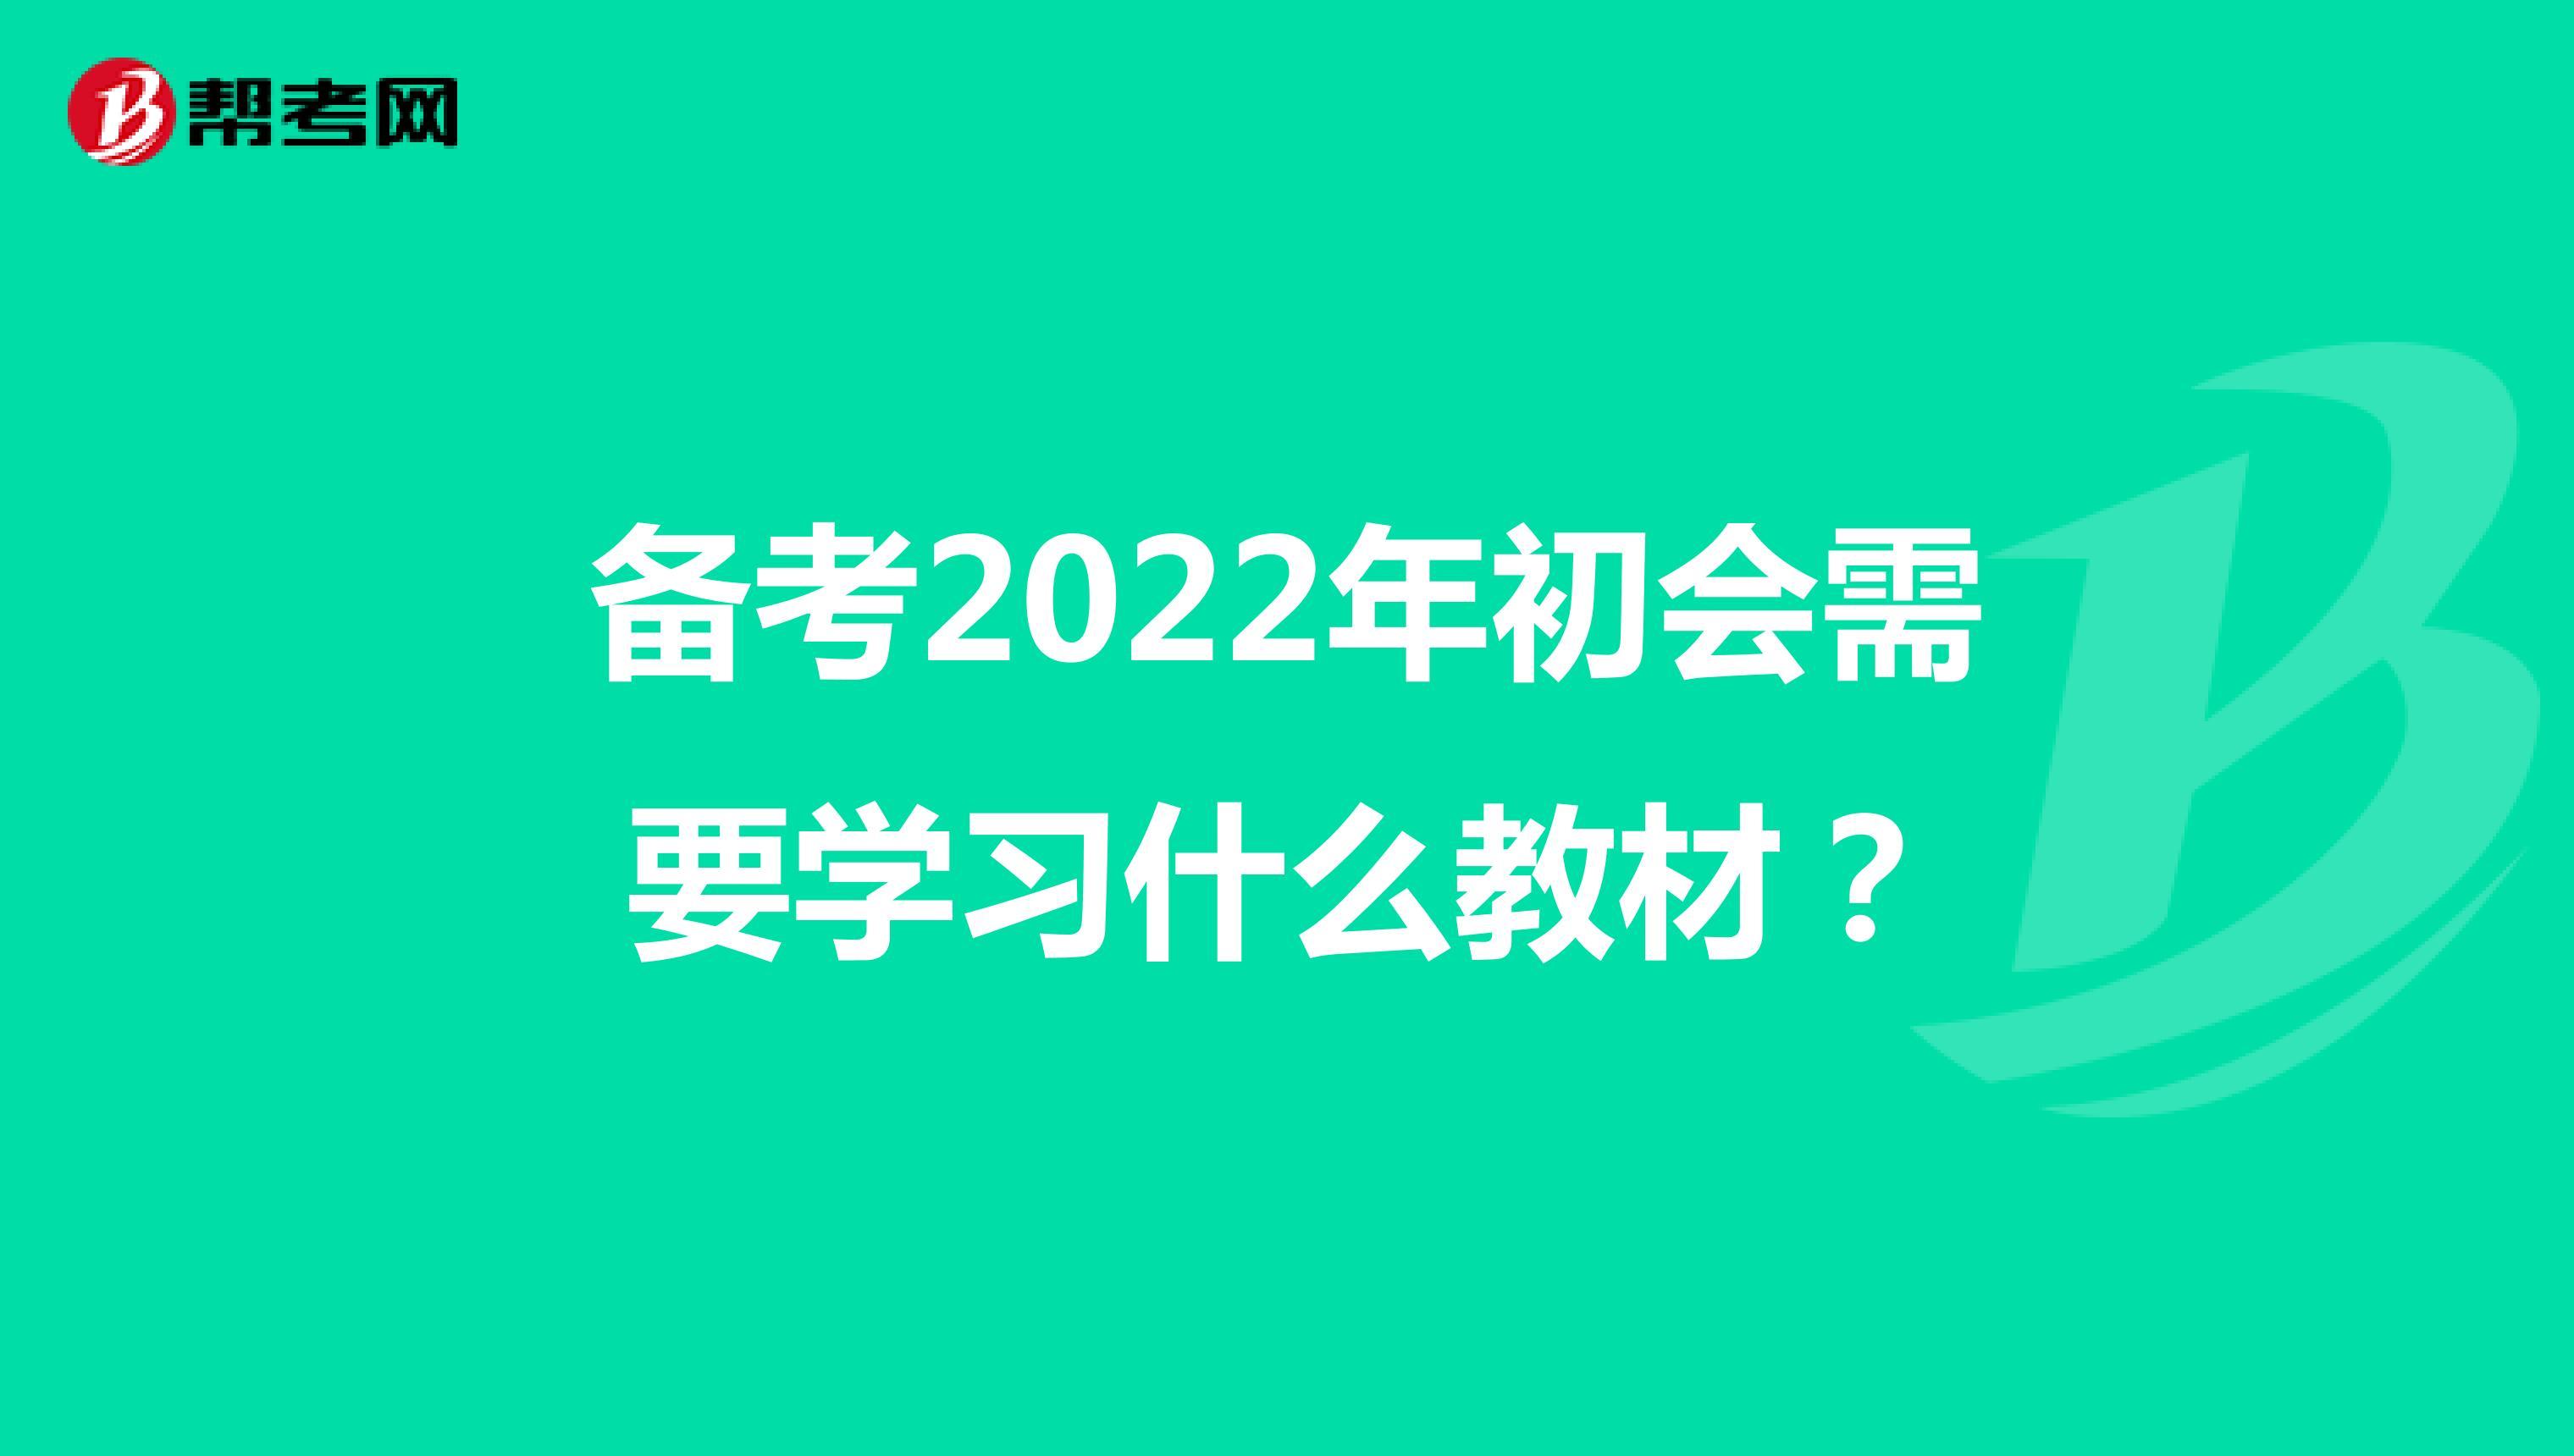 备考2022年初会需要学习什么教材?